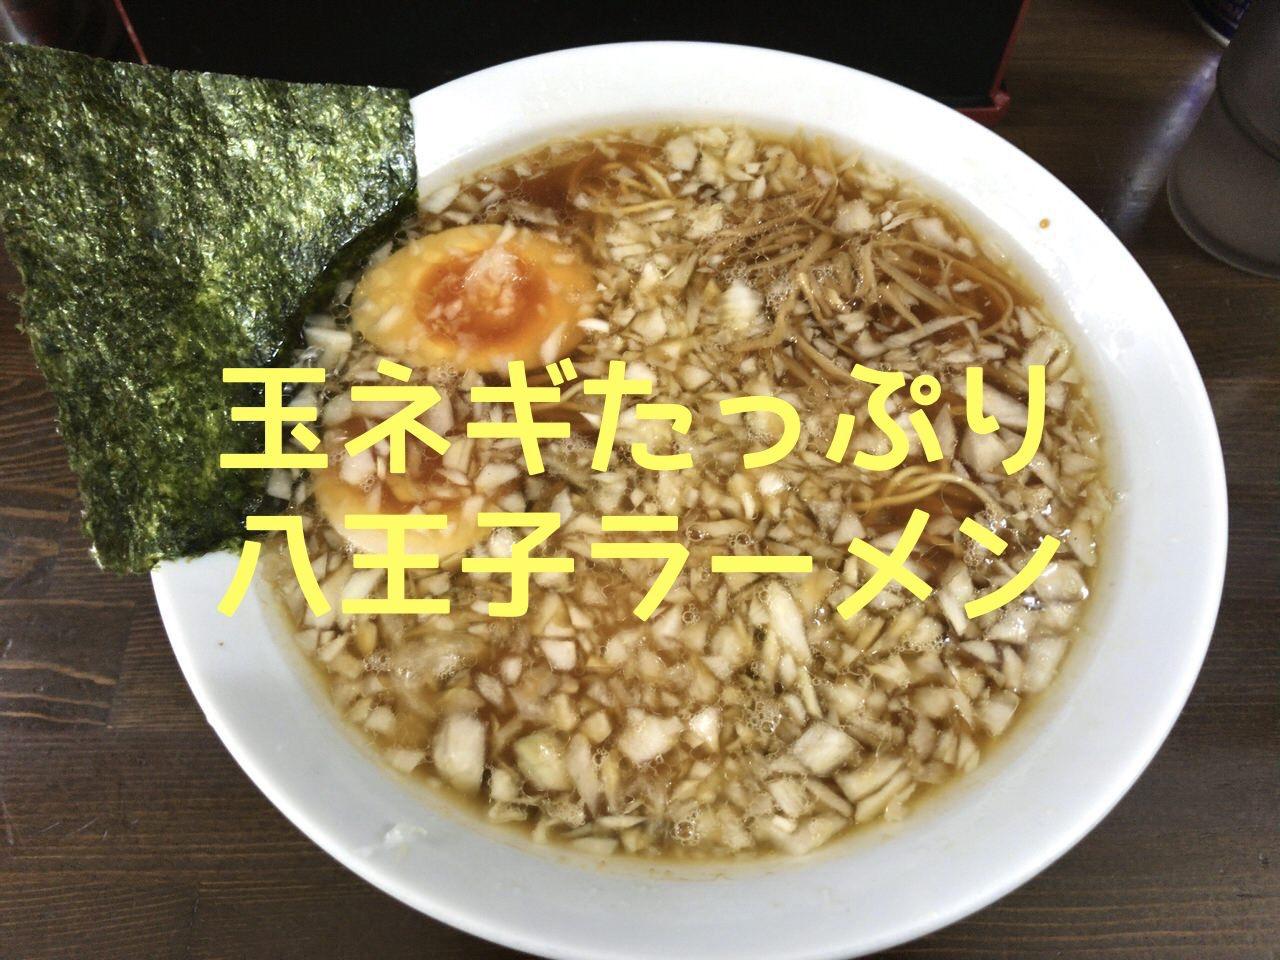 「こえもん」玉ねぎ増し味玉入り八王子ラーメン麺硬め(日野)